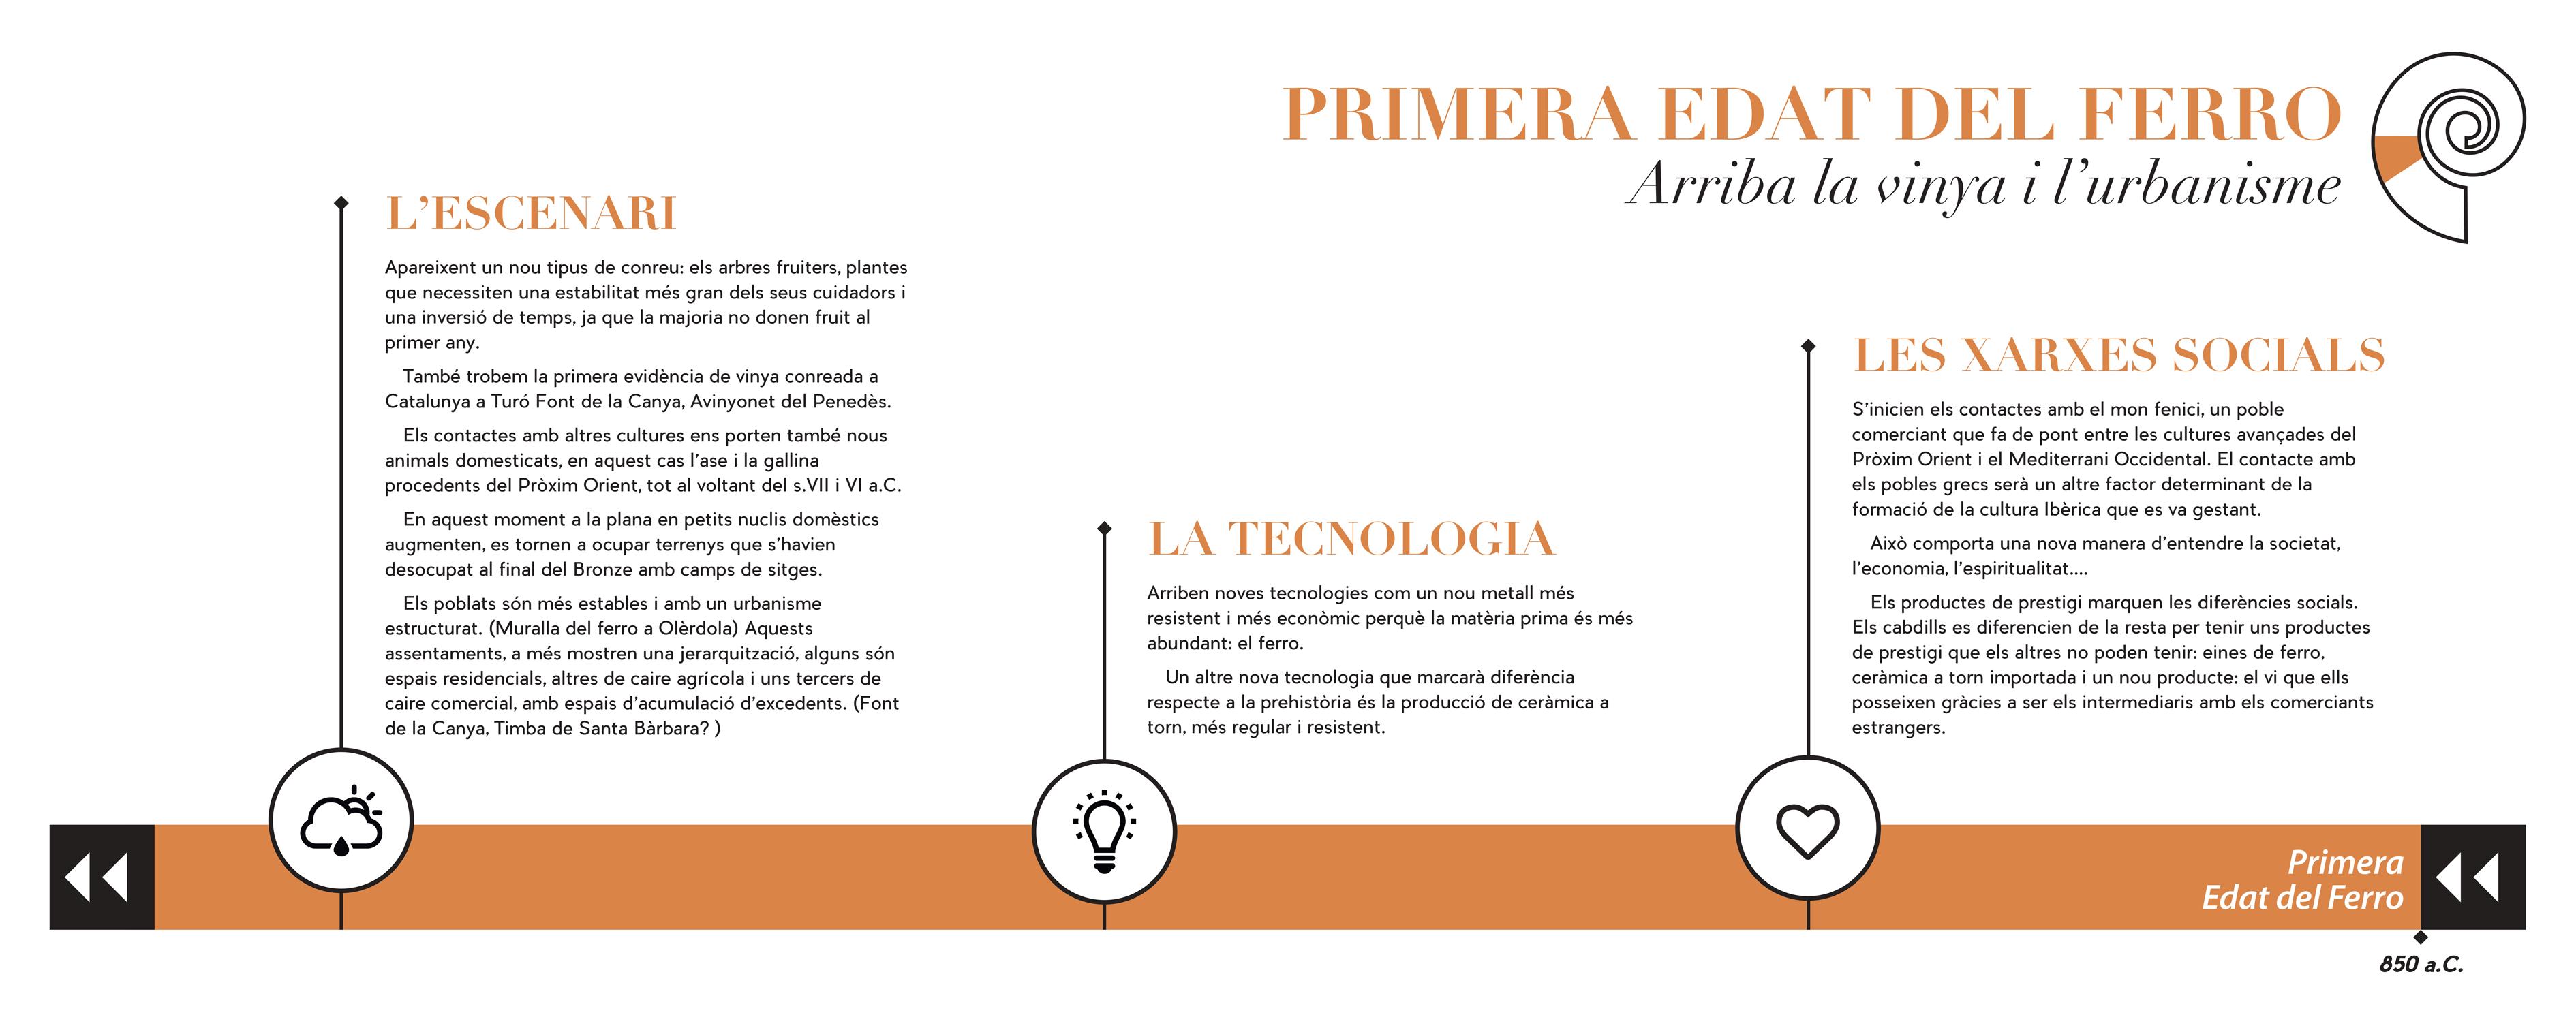 Disseny Grafic Angels Pinyol Edat del Ferro Abans de la Vinya - ABANS DE LA VINYA - Exposició sobre la història de la Vinya del Penedès